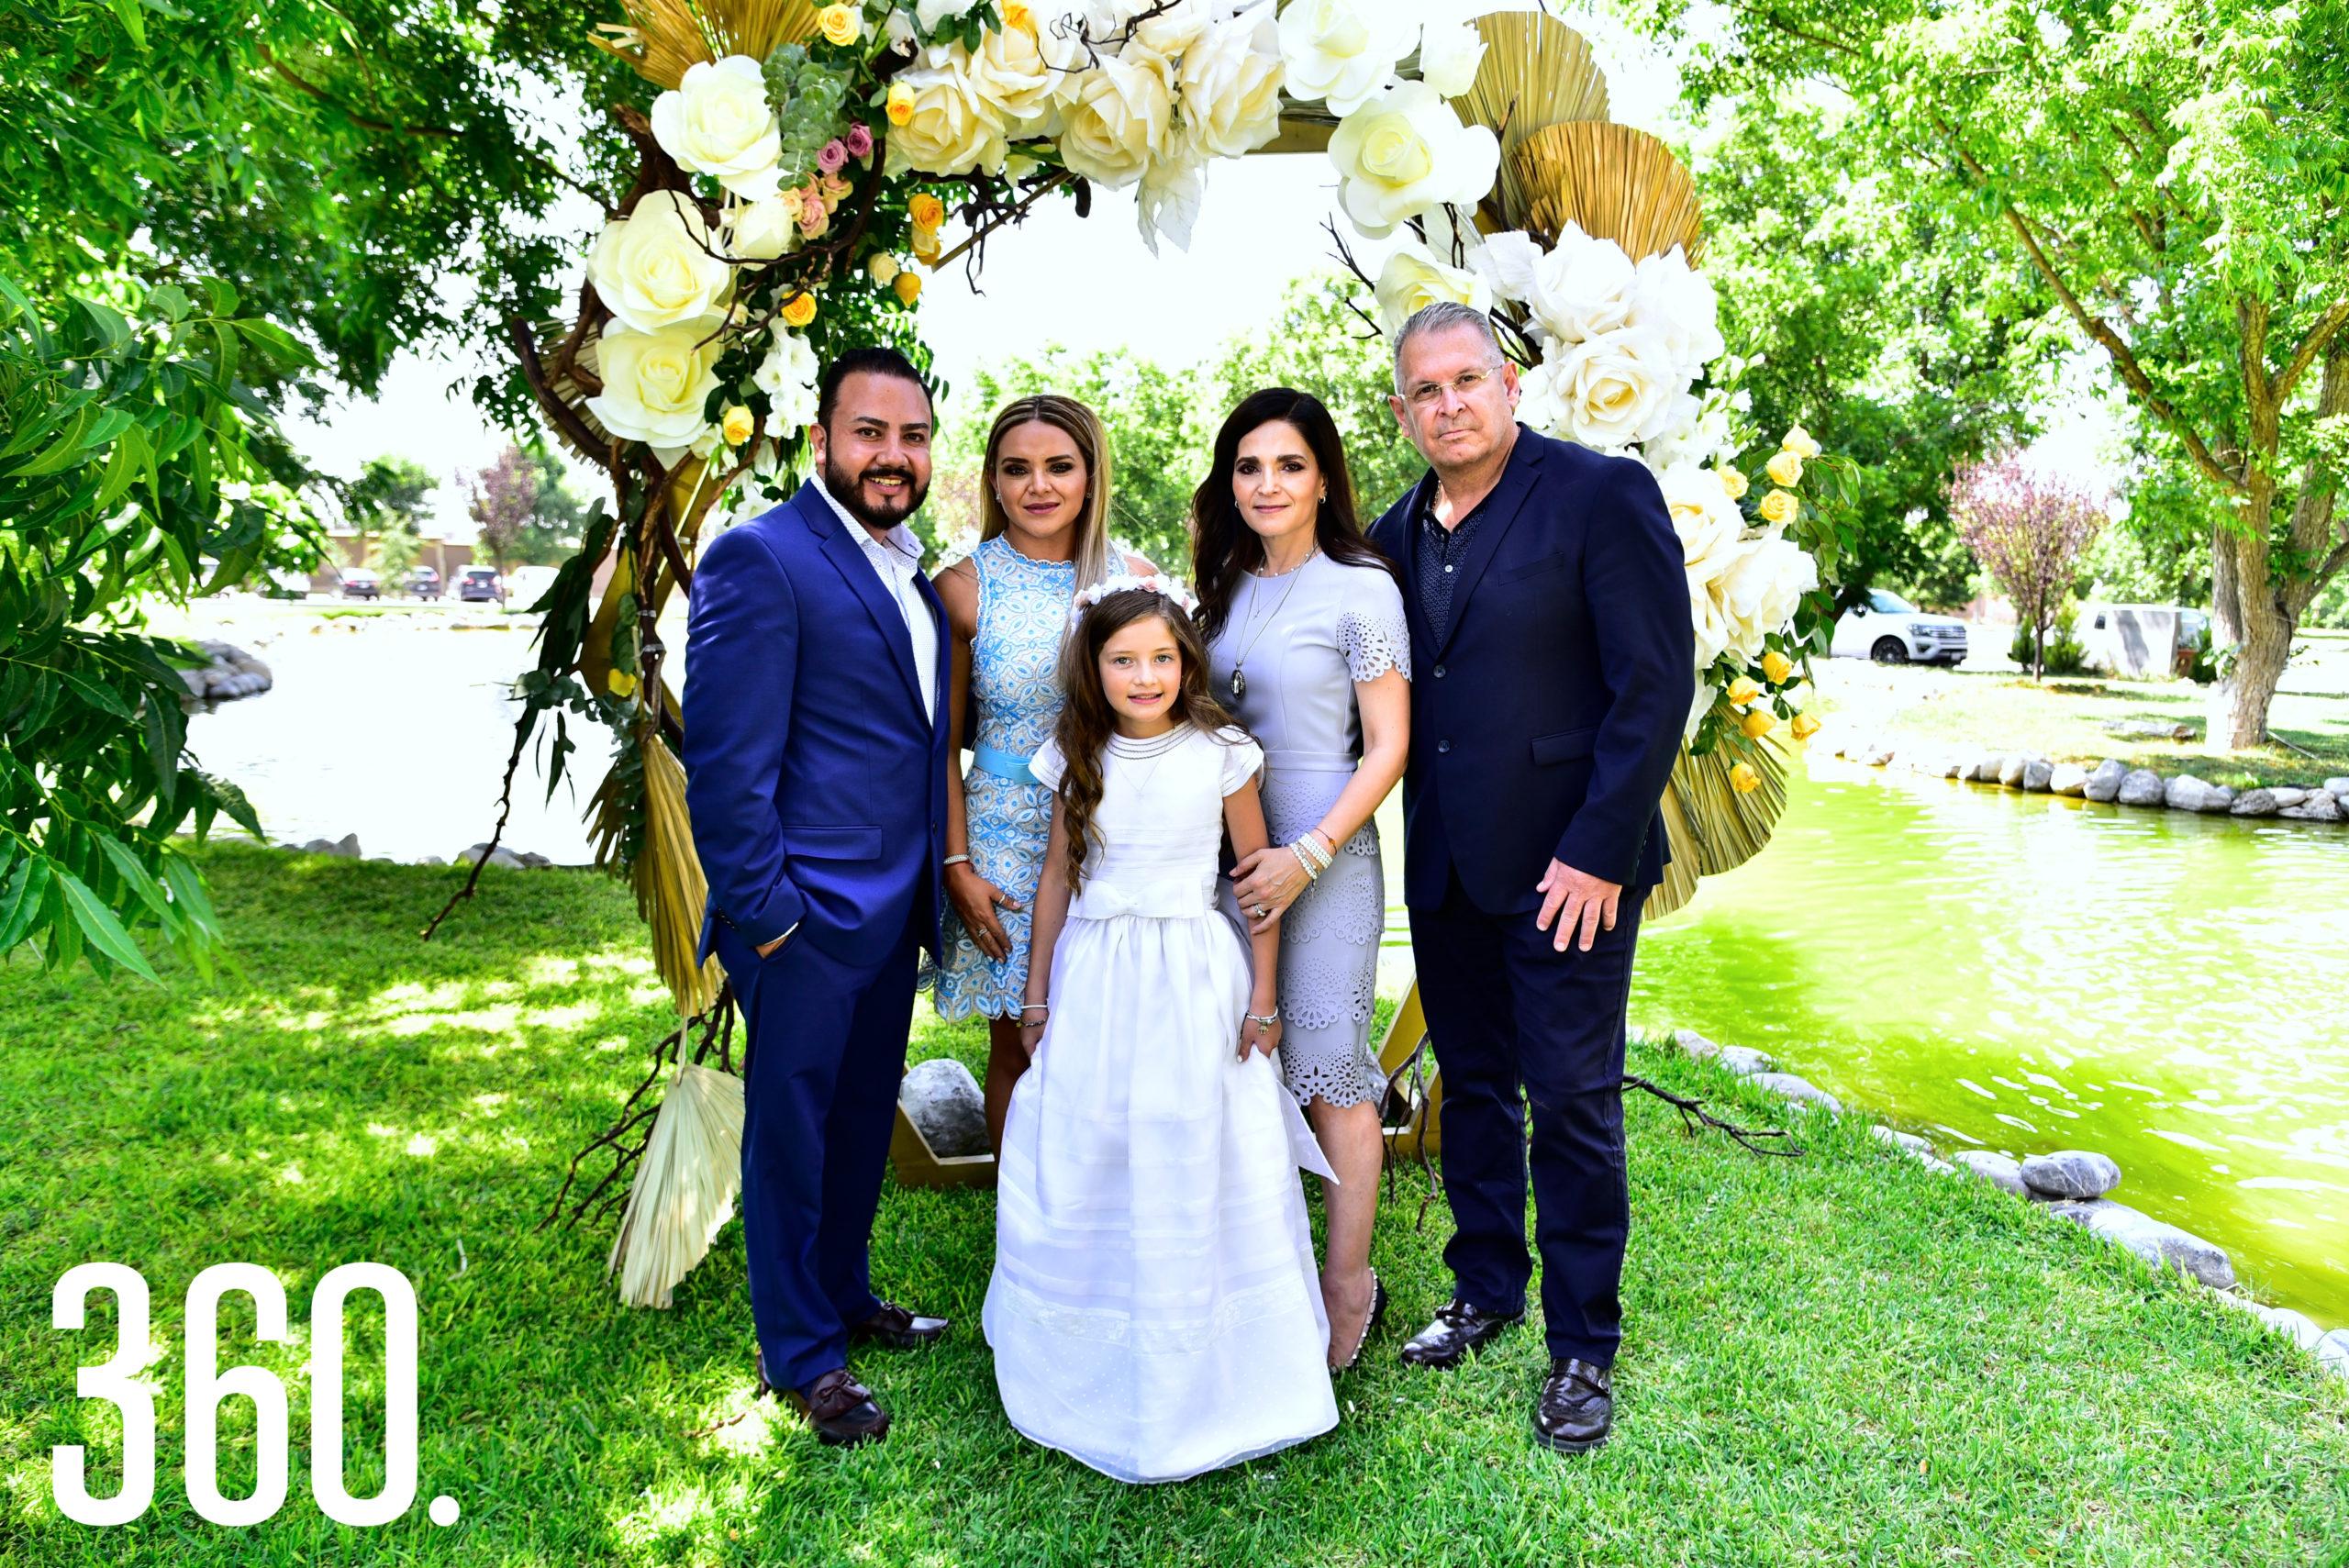 Isabella con sus papás y padrinos.